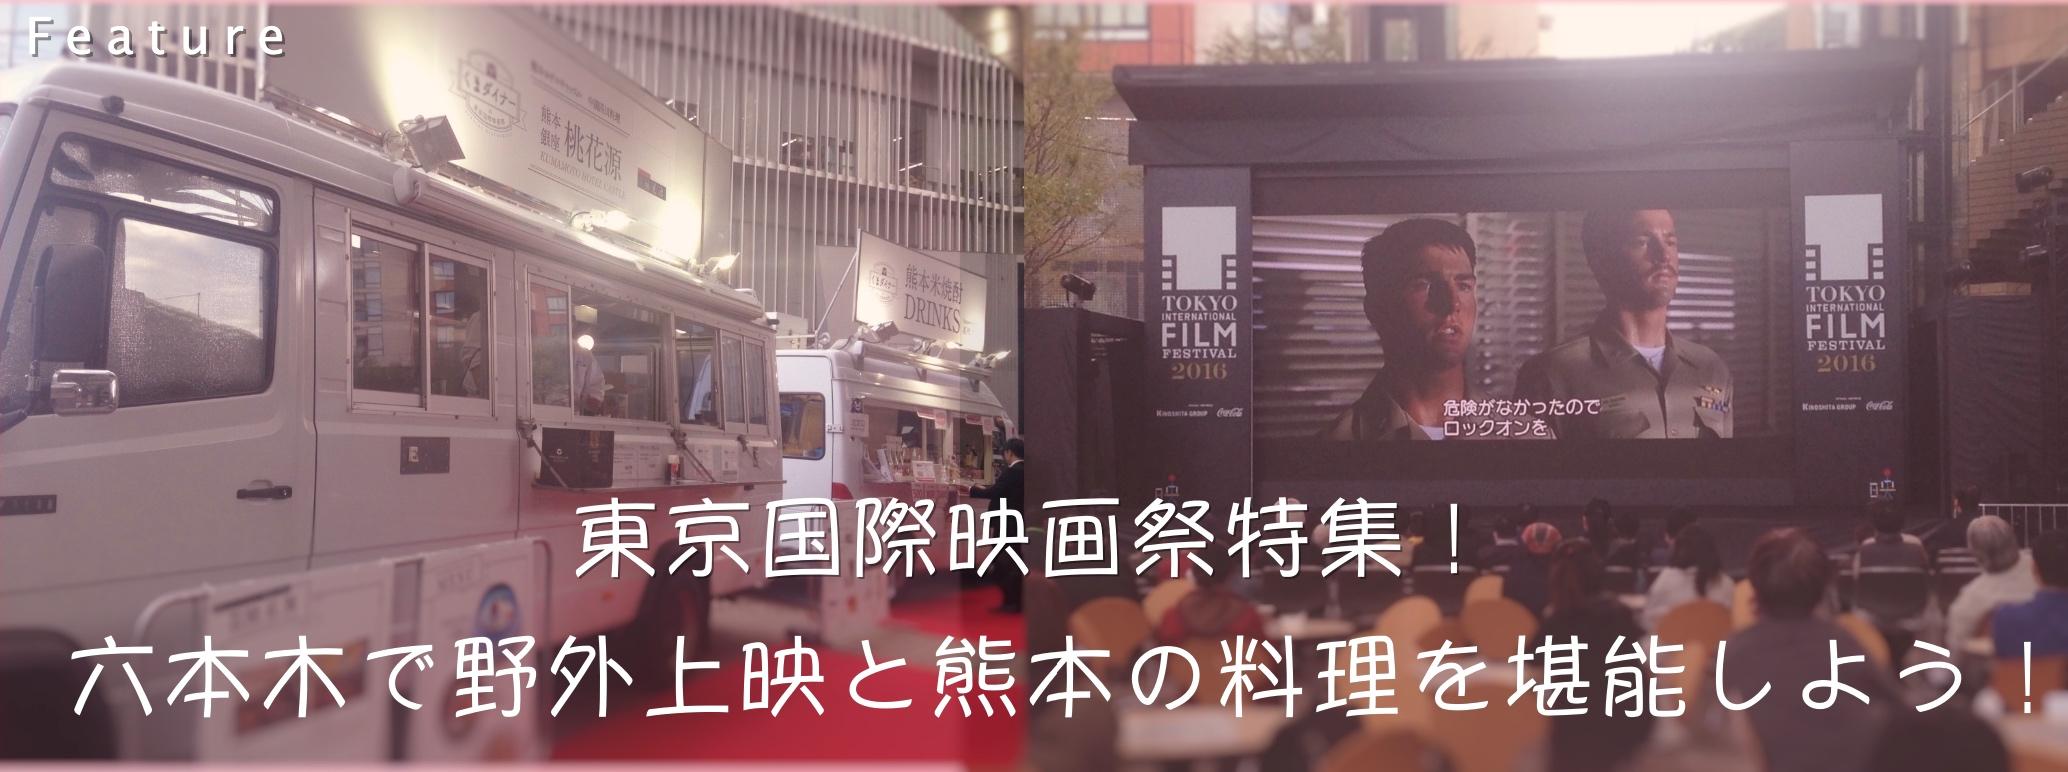 東京国際映画祭特集! 六本木で野外上映と熊本の料理を堪能しよう!